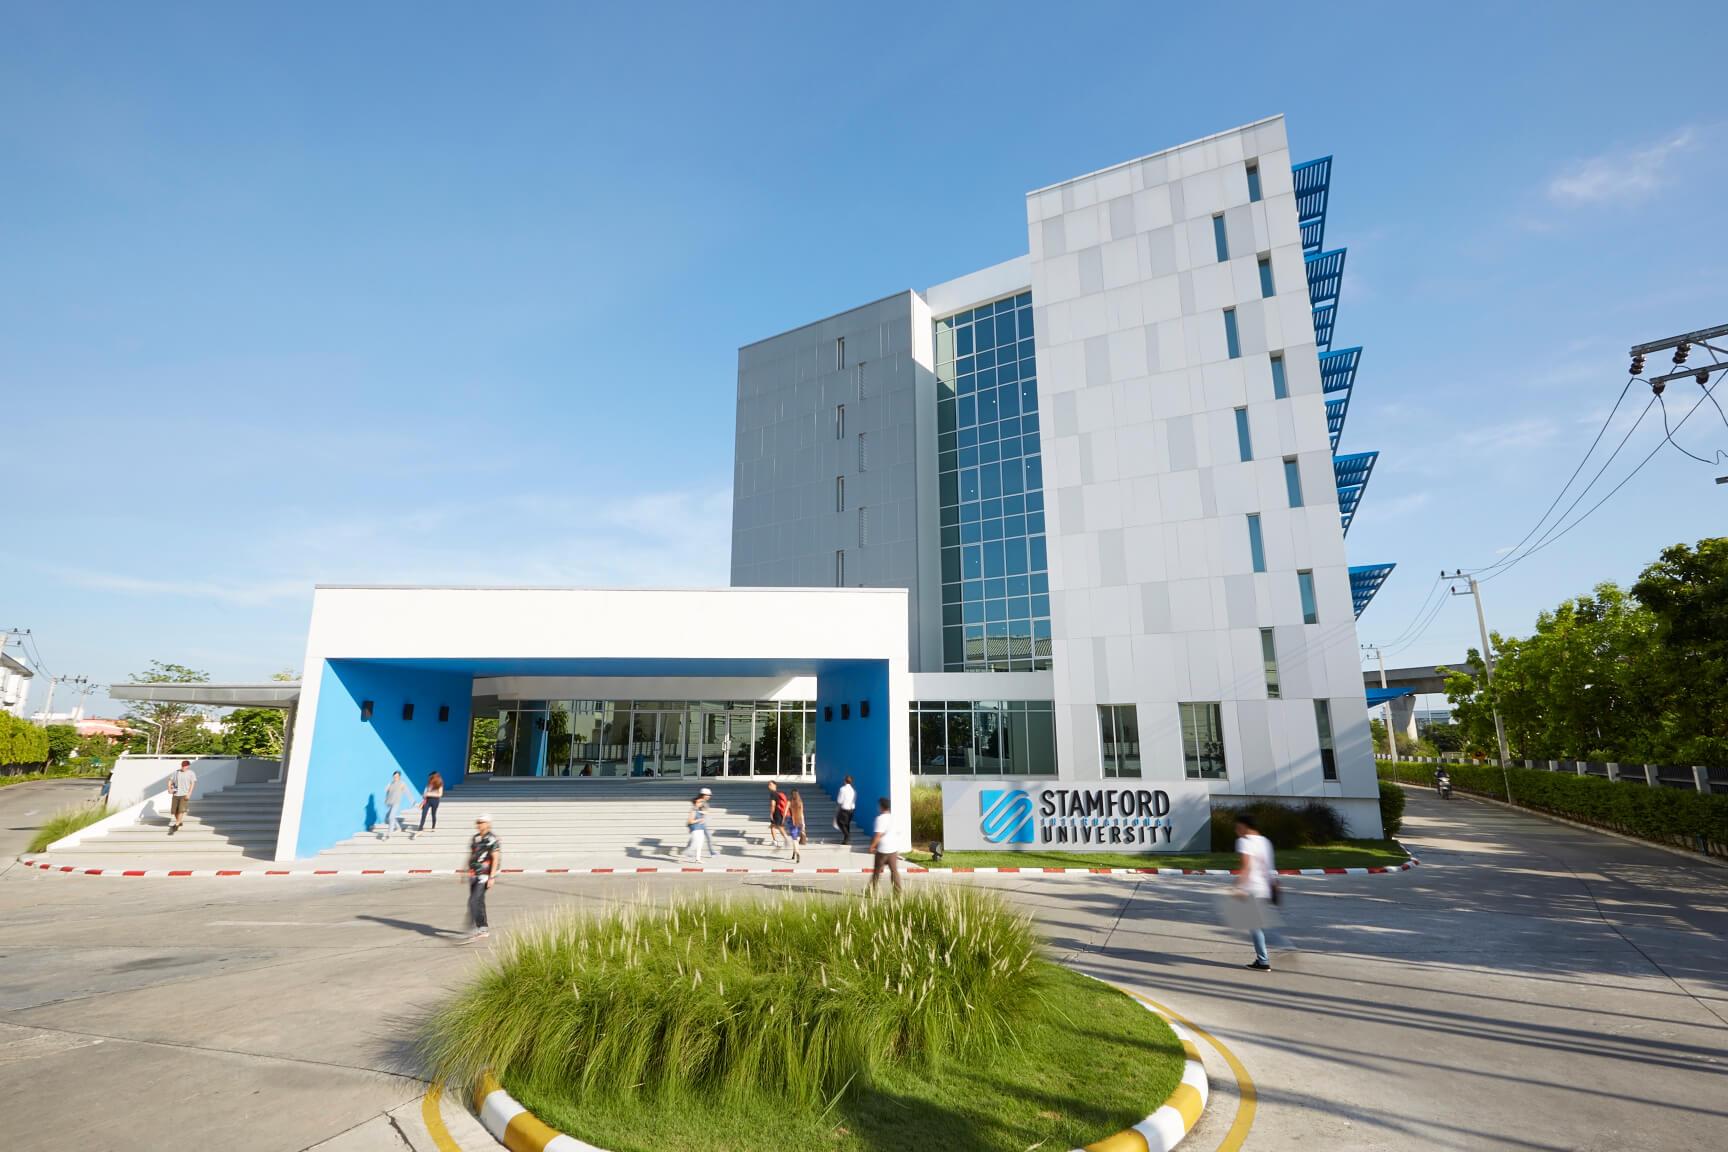 Stamford International University